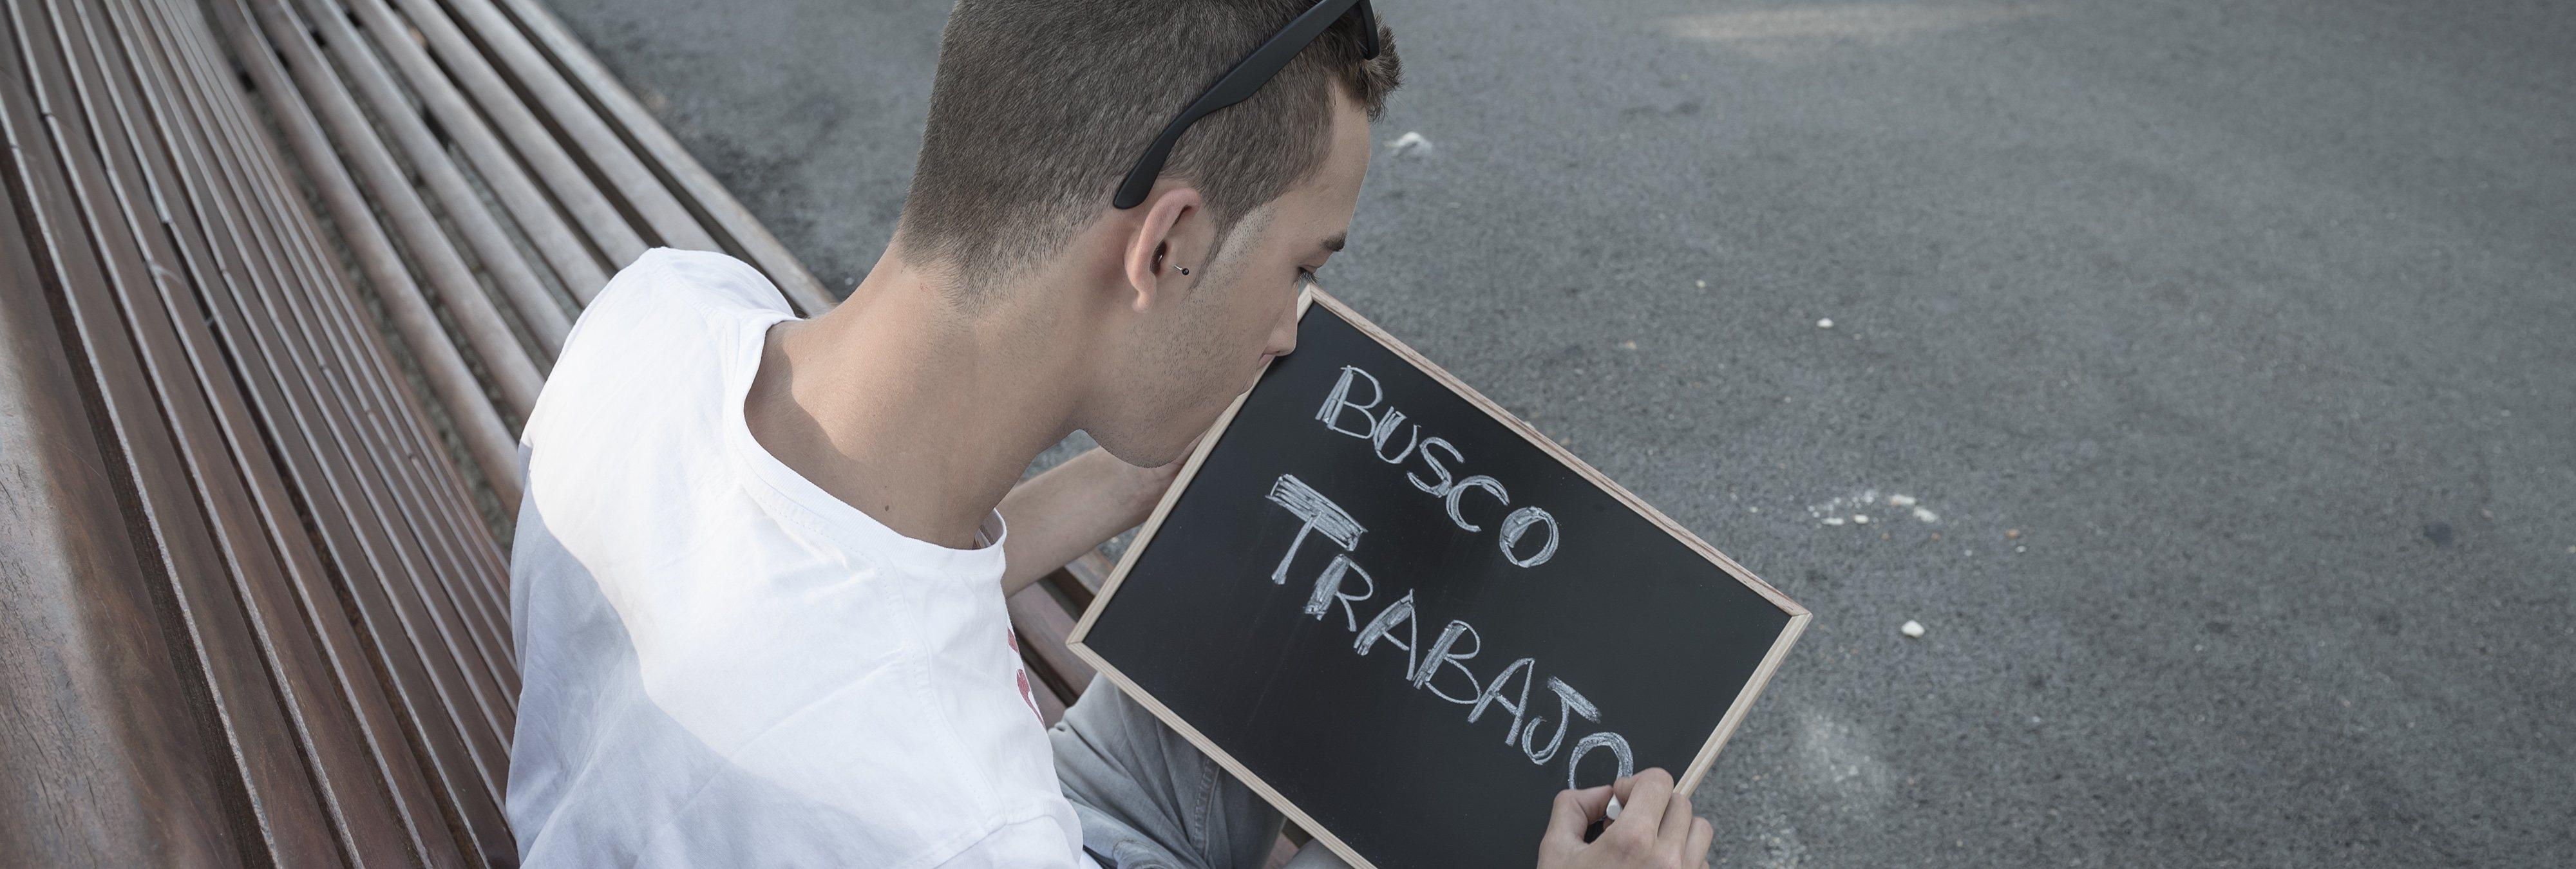 Mierda Jobs, la cuenta de Twitter que denuncia las horribles ofertas de trabajo en España